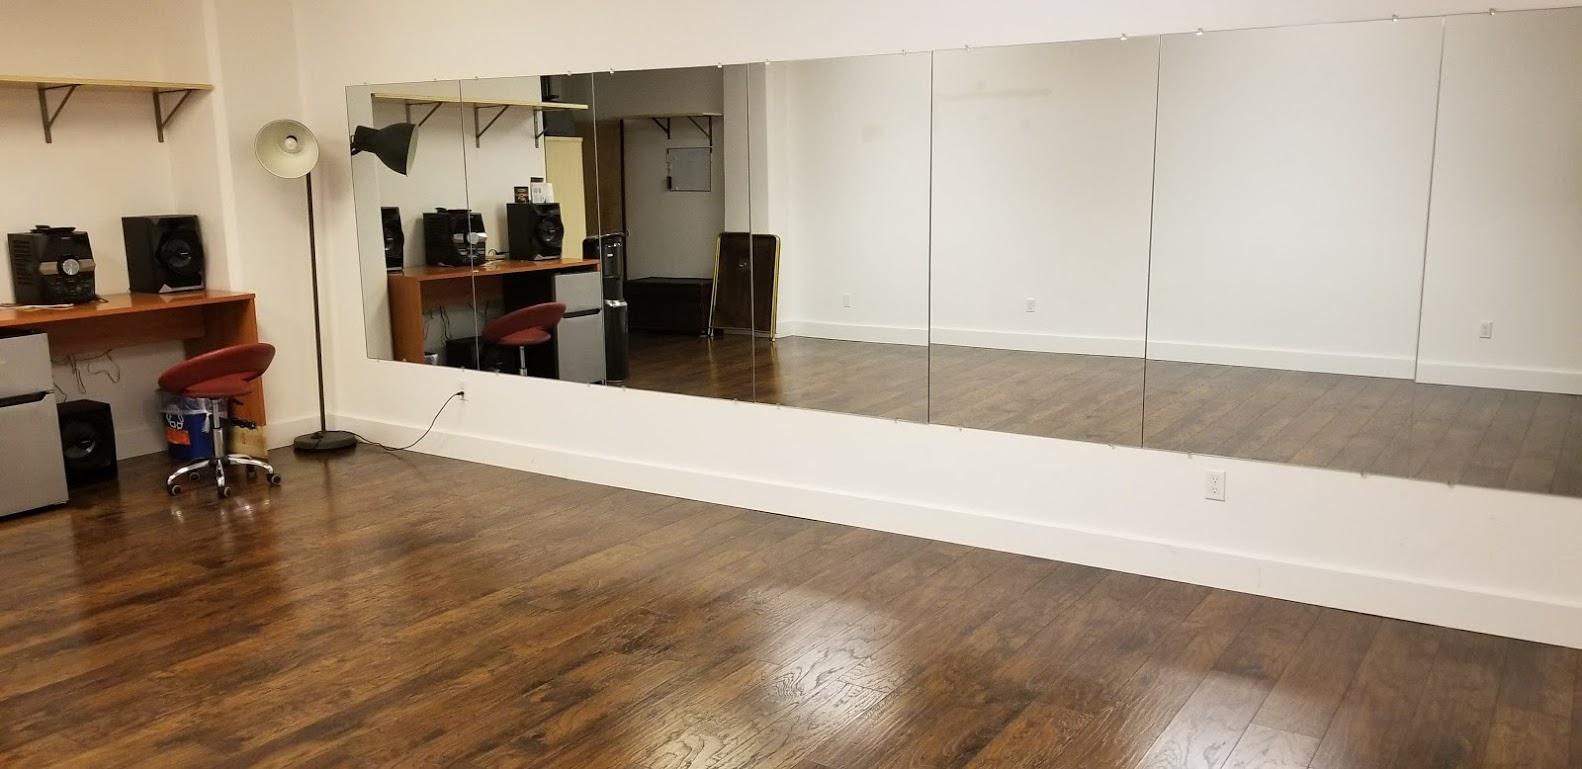 Studio 106 Photo